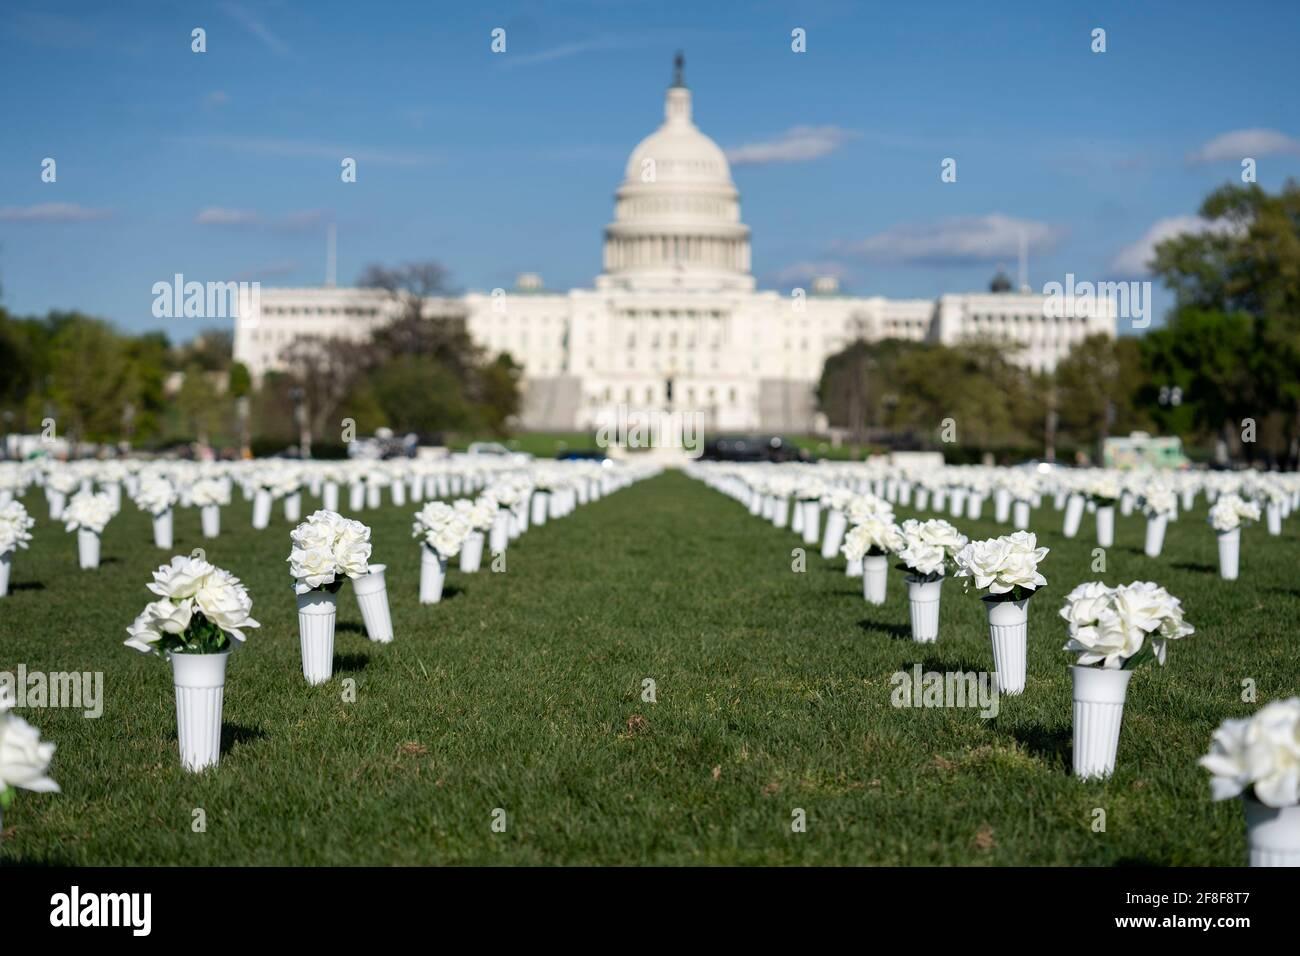 Washington, États-Unis. 13 avril 2021. Photo prise le 13 avril 2021 montre 40,000 fleurs de soie blanche installées sur le National Mall pour honorer près de 40,000 Américains qui meurent chaque année de la violence des armes à feu à Washington, DC, les États-Unis. Credit: Liu Jie/Xinhua/Alay Live News Banque D'Images